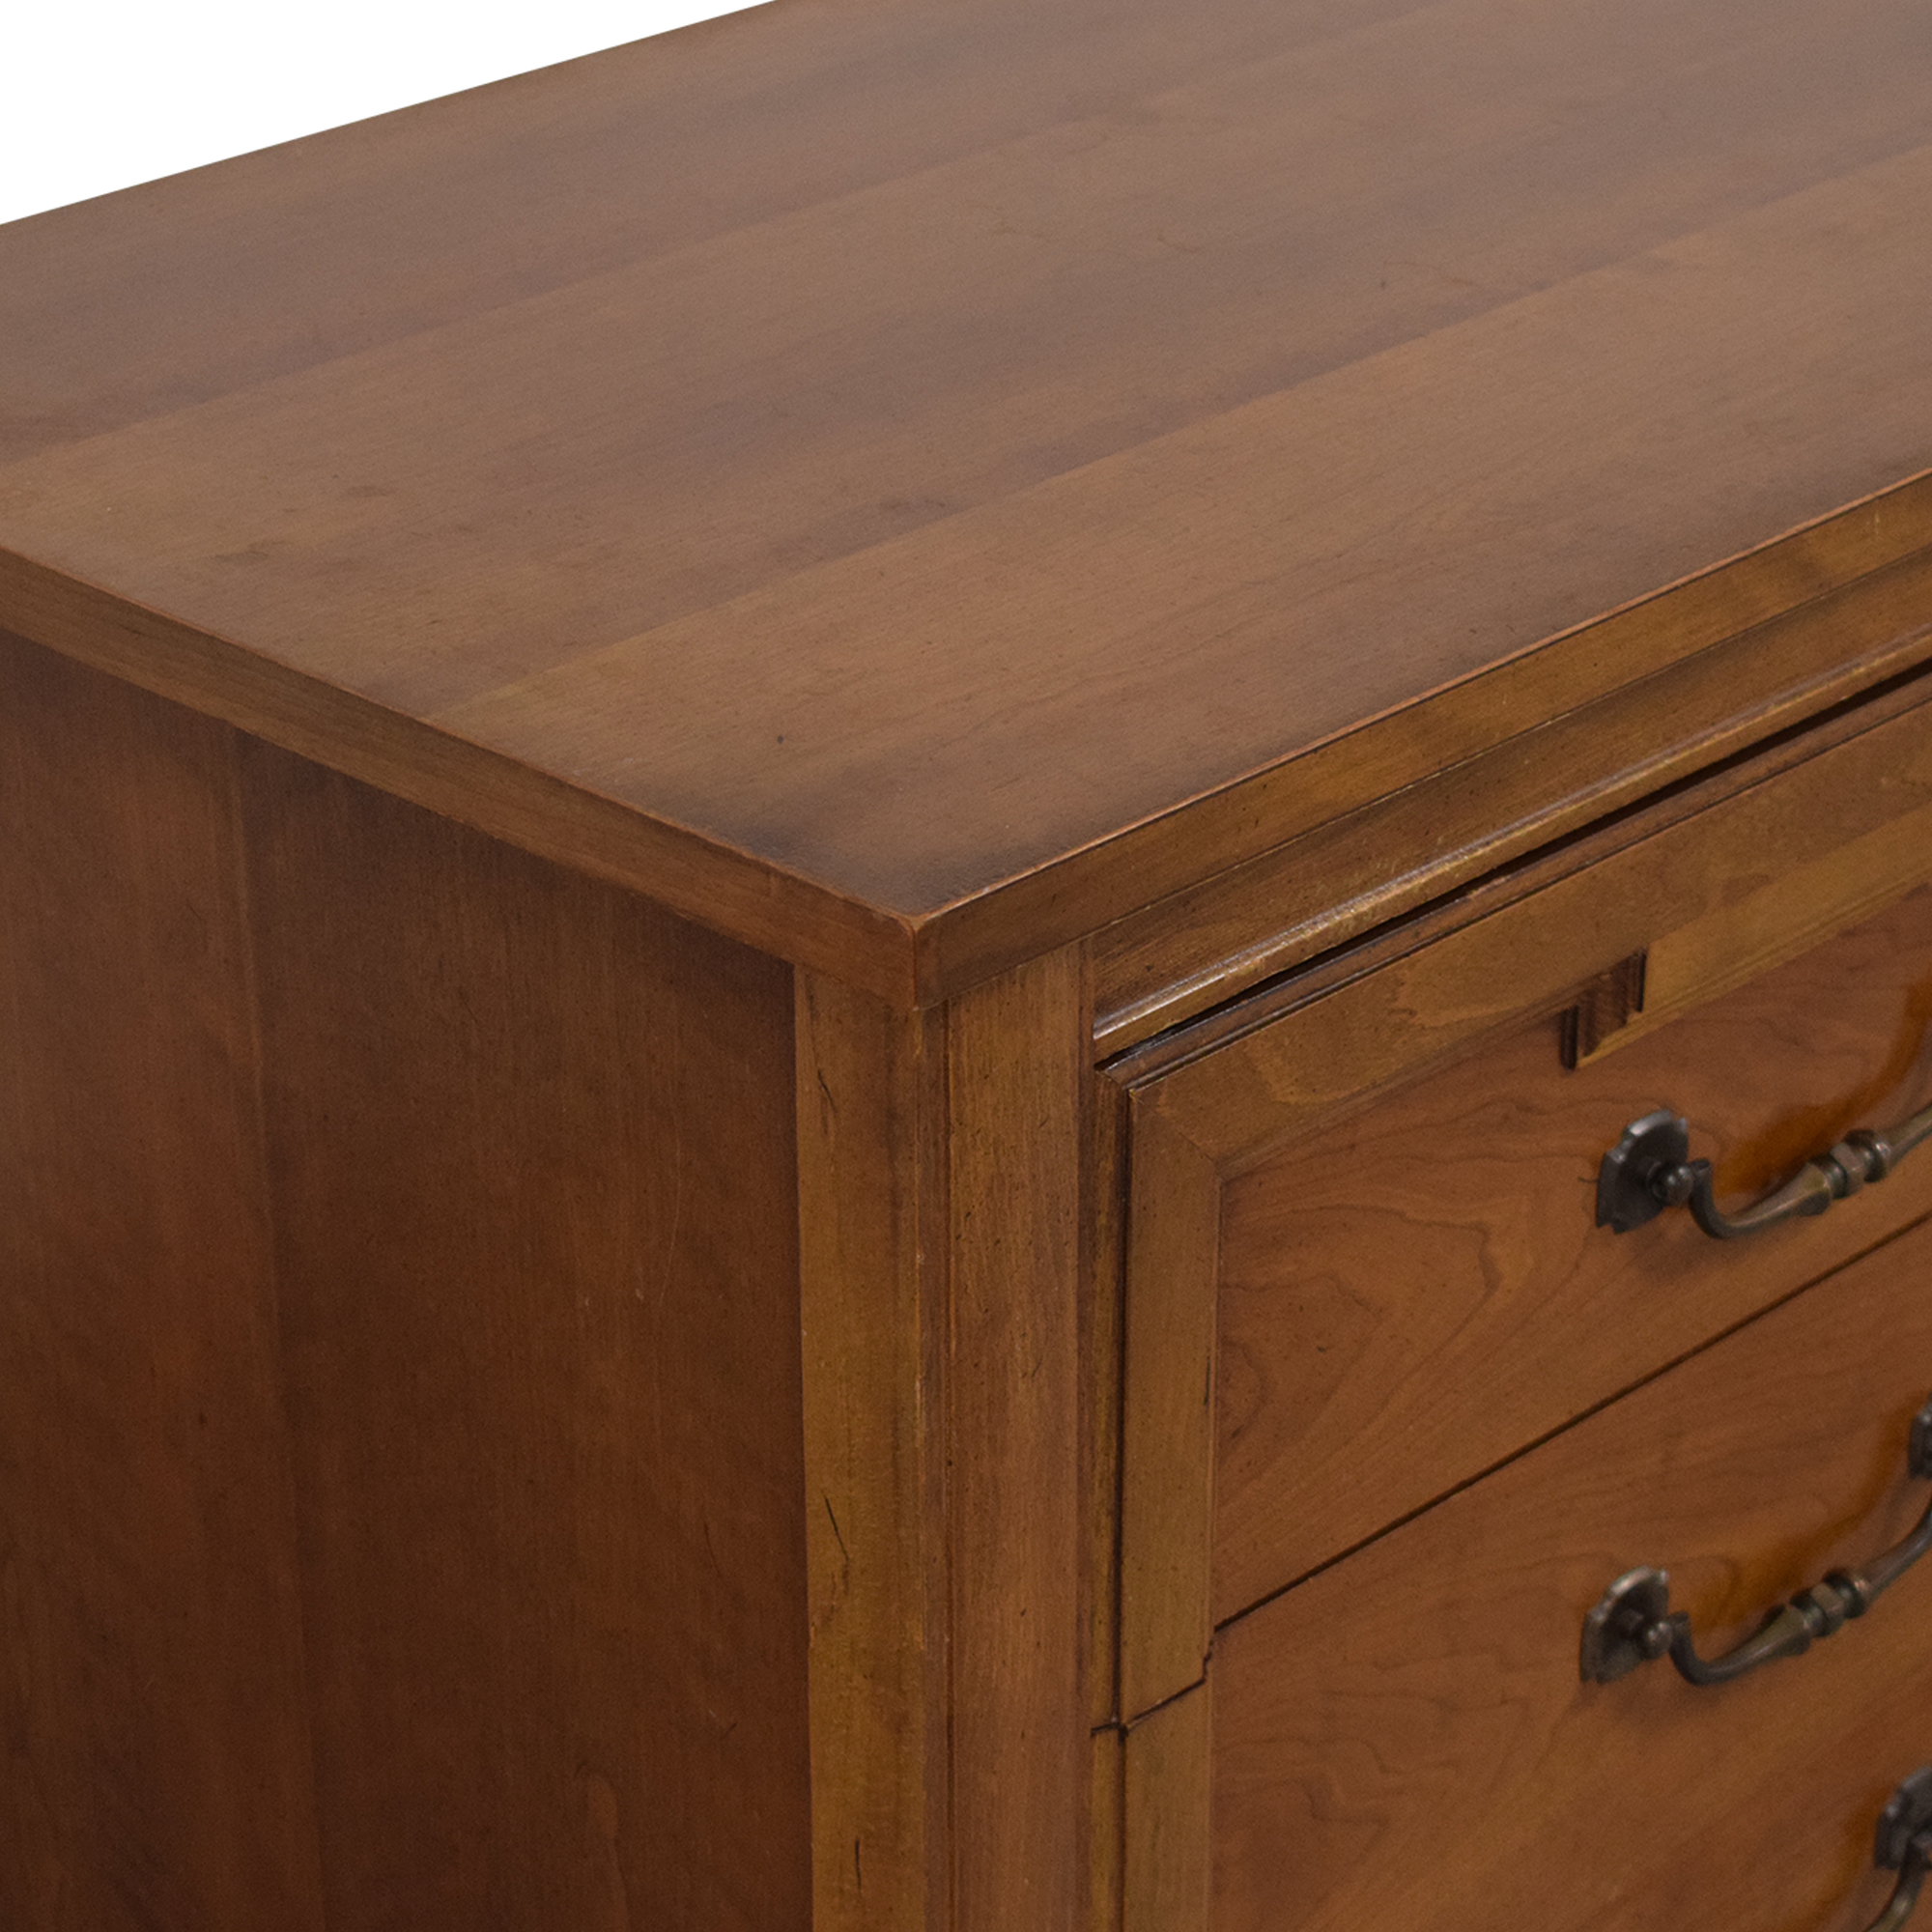 Thomasville Dresser with Cabinets / Storage